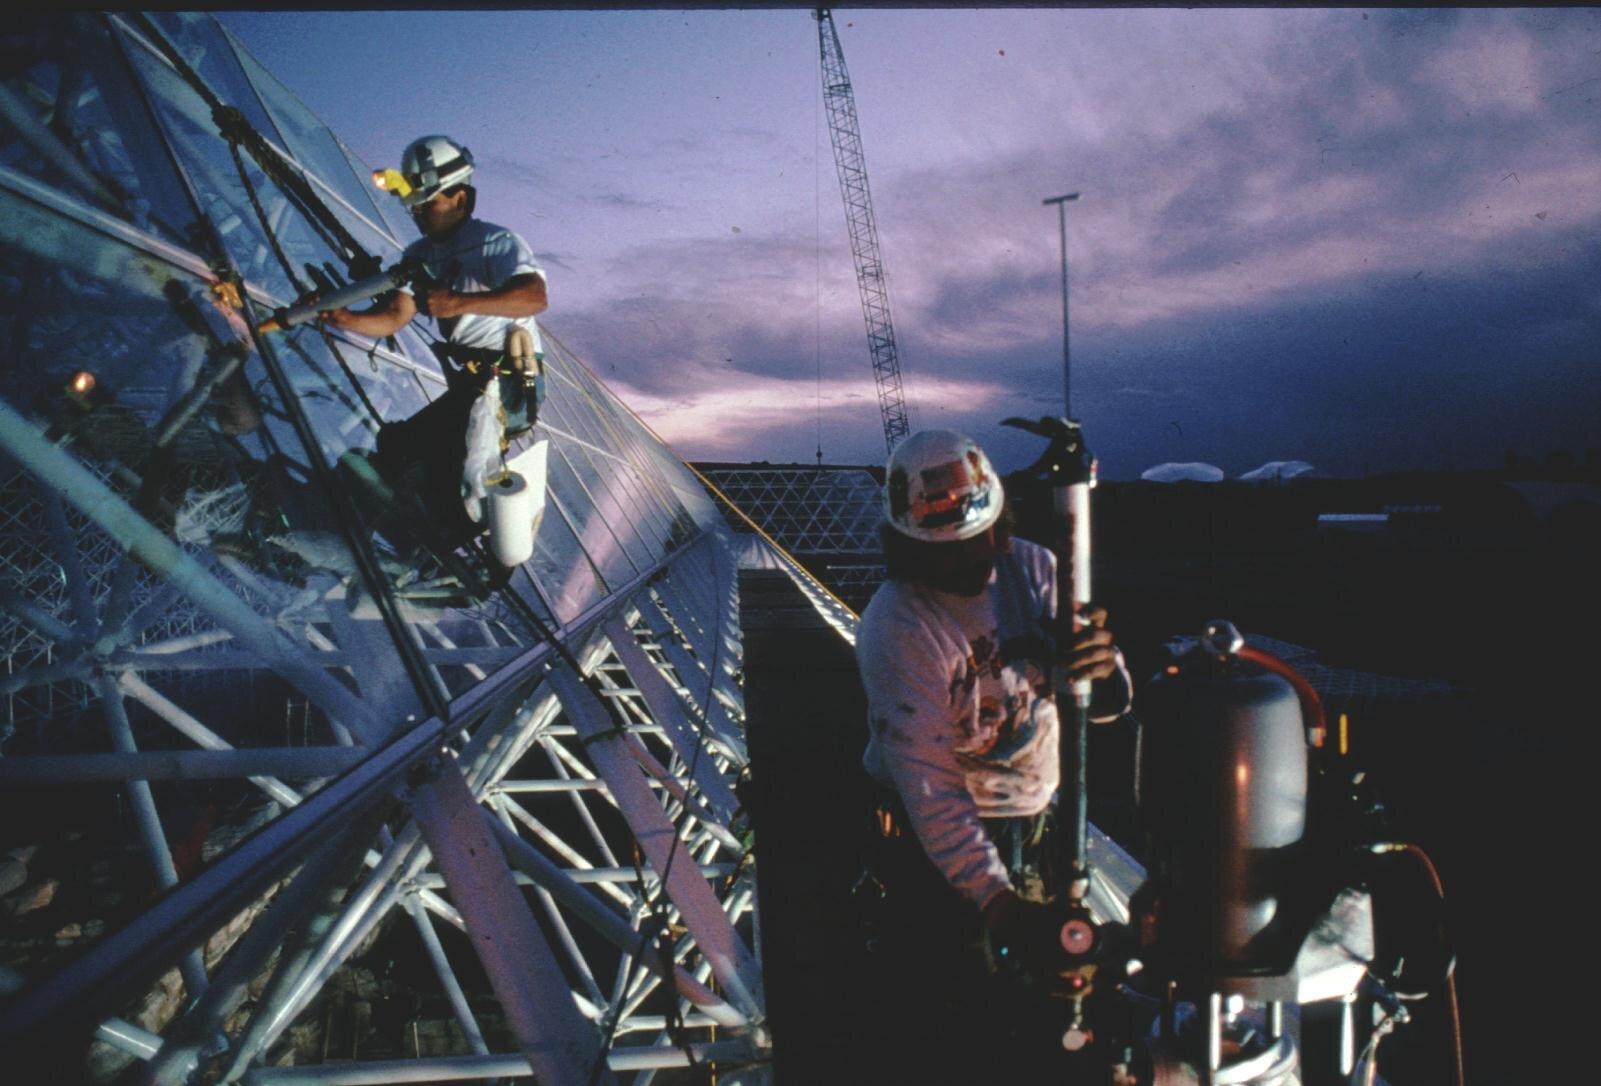 Biosphere 2 construction